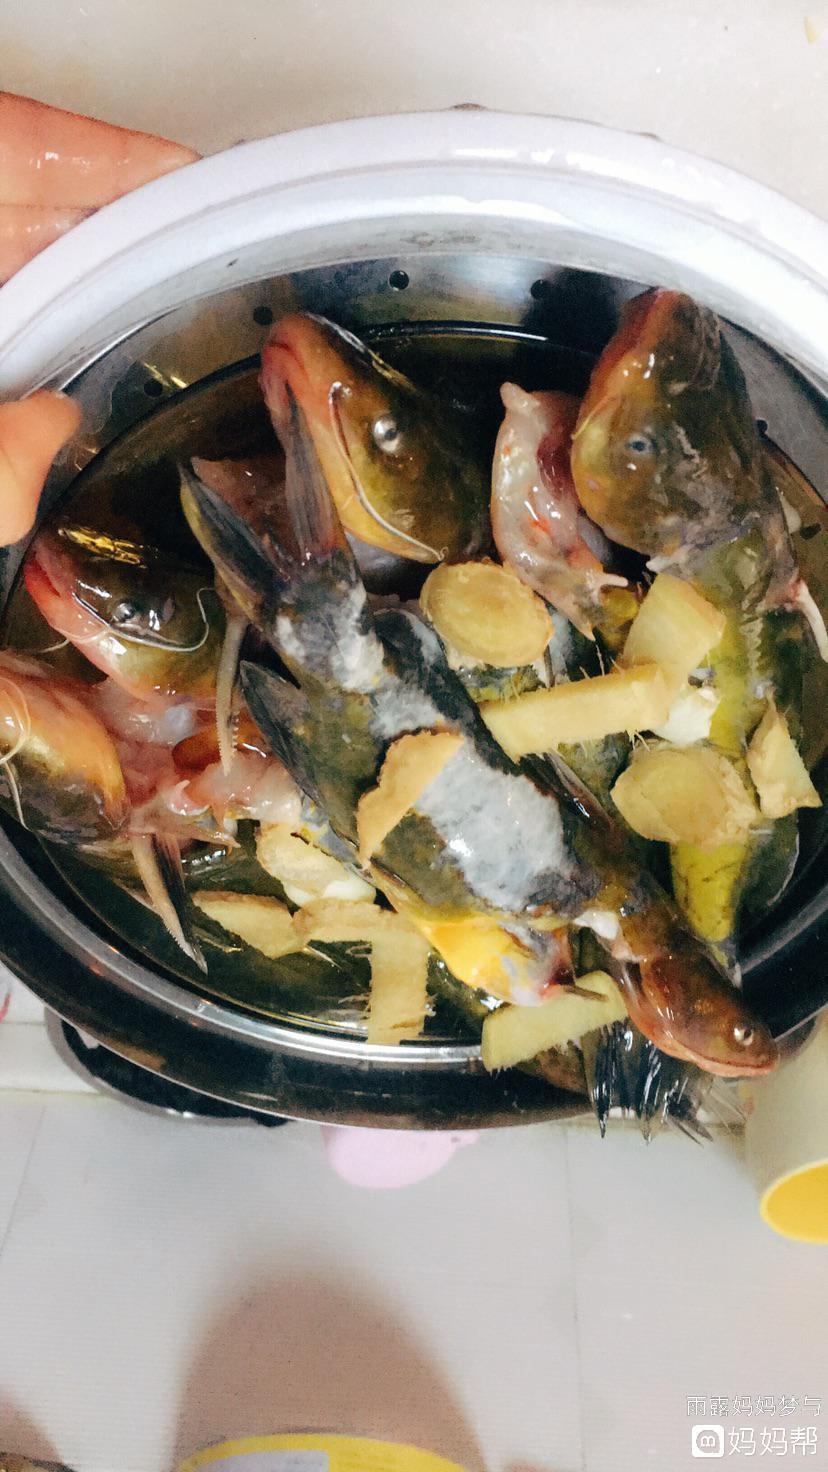 清蒸昂刺鱼(黄辣丁)的做法